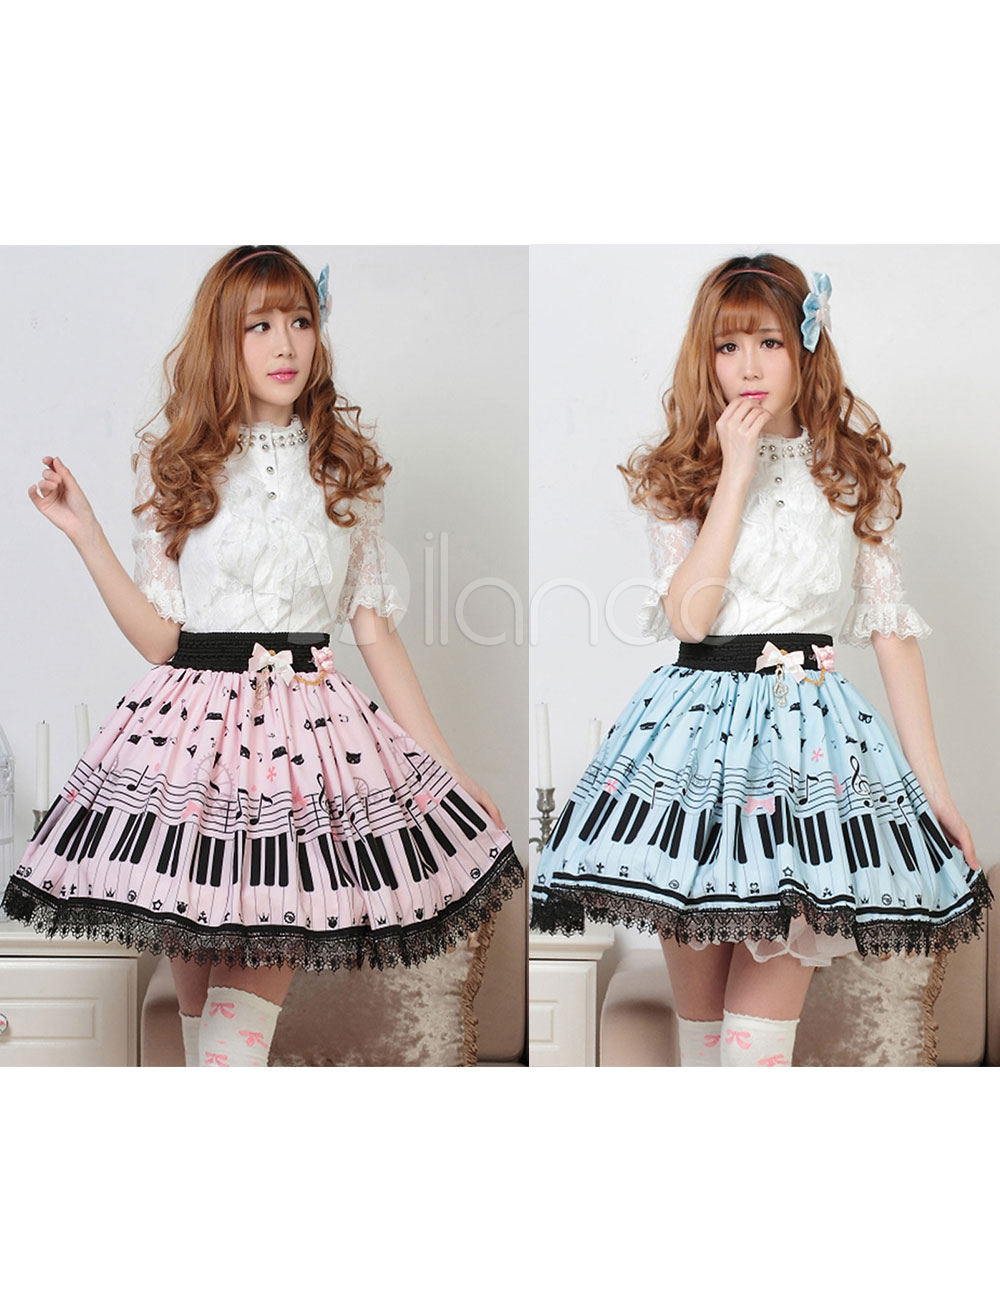 Sweet Lolita Skirt The Cat On The Piano Keys SK Lolita Skirt